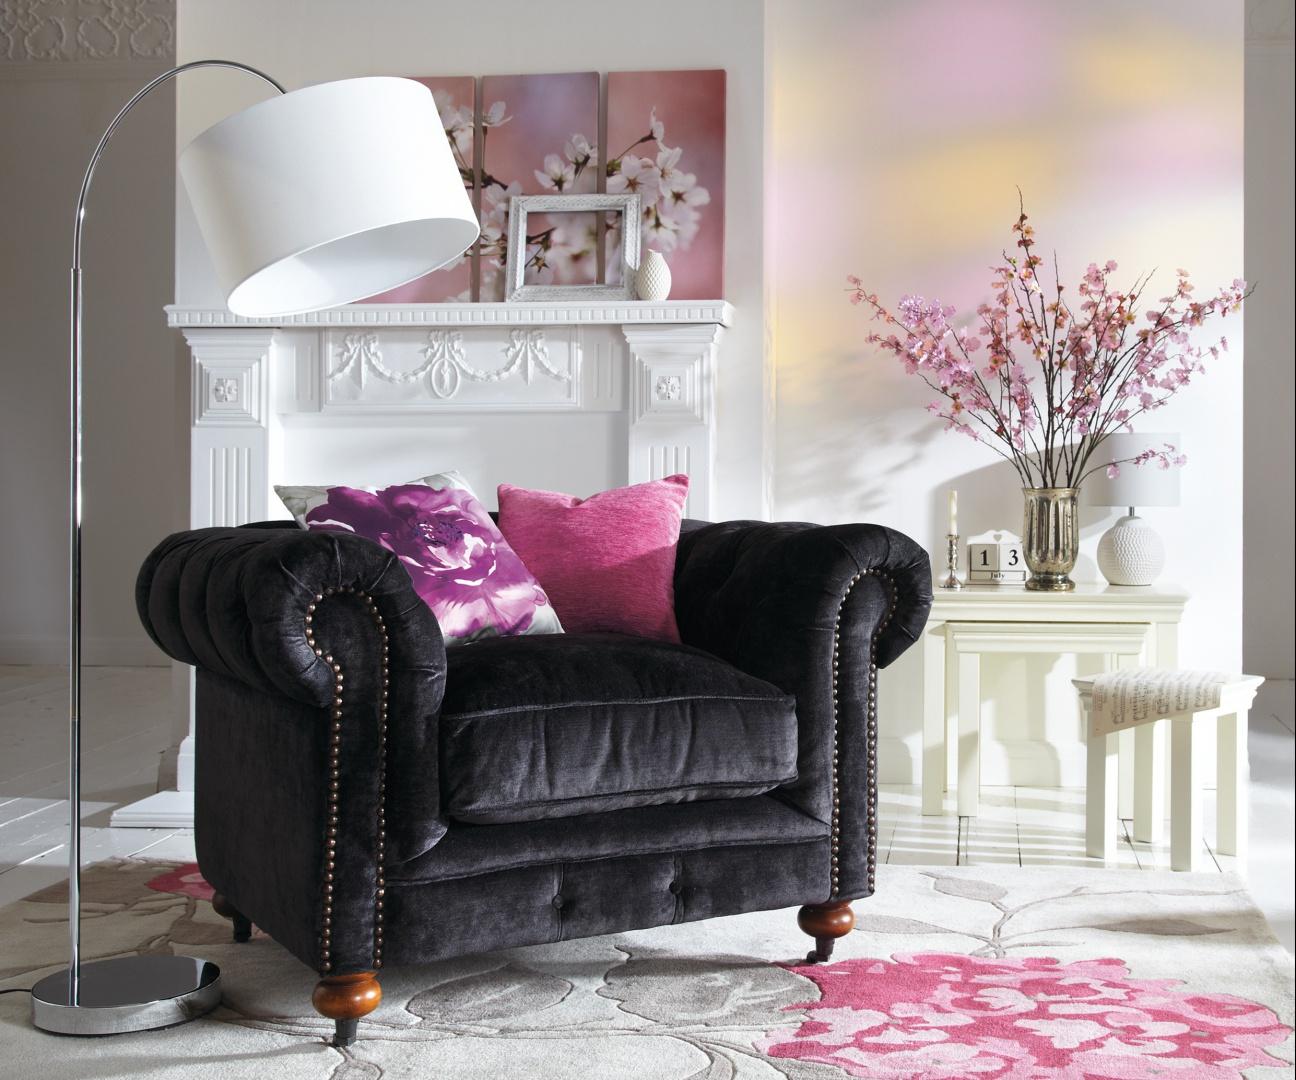 Z czarnymi meblami doskonale harmonizują różowe dodatki, np. poduszki dekoracyjne. Fot. Isme.